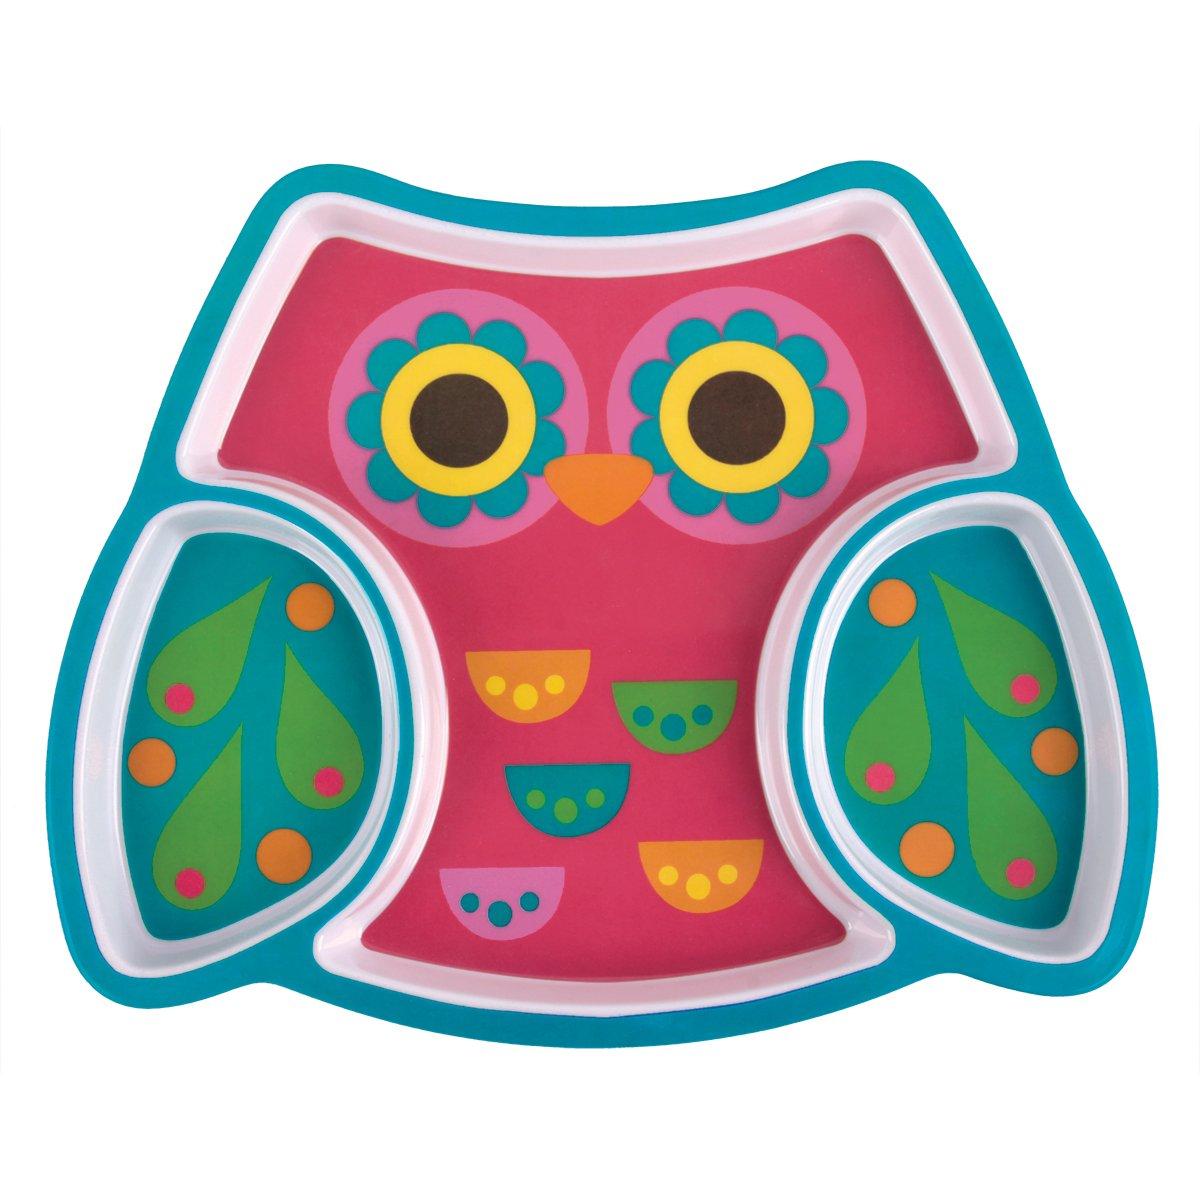 【メール便無料】 Stephen Joseph Melamine Tray, Joseph Owl by Stephen by Tray, Joseph B000M3E53S, ジュールフェリエ:a754039f --- a0267596.xsph.ru